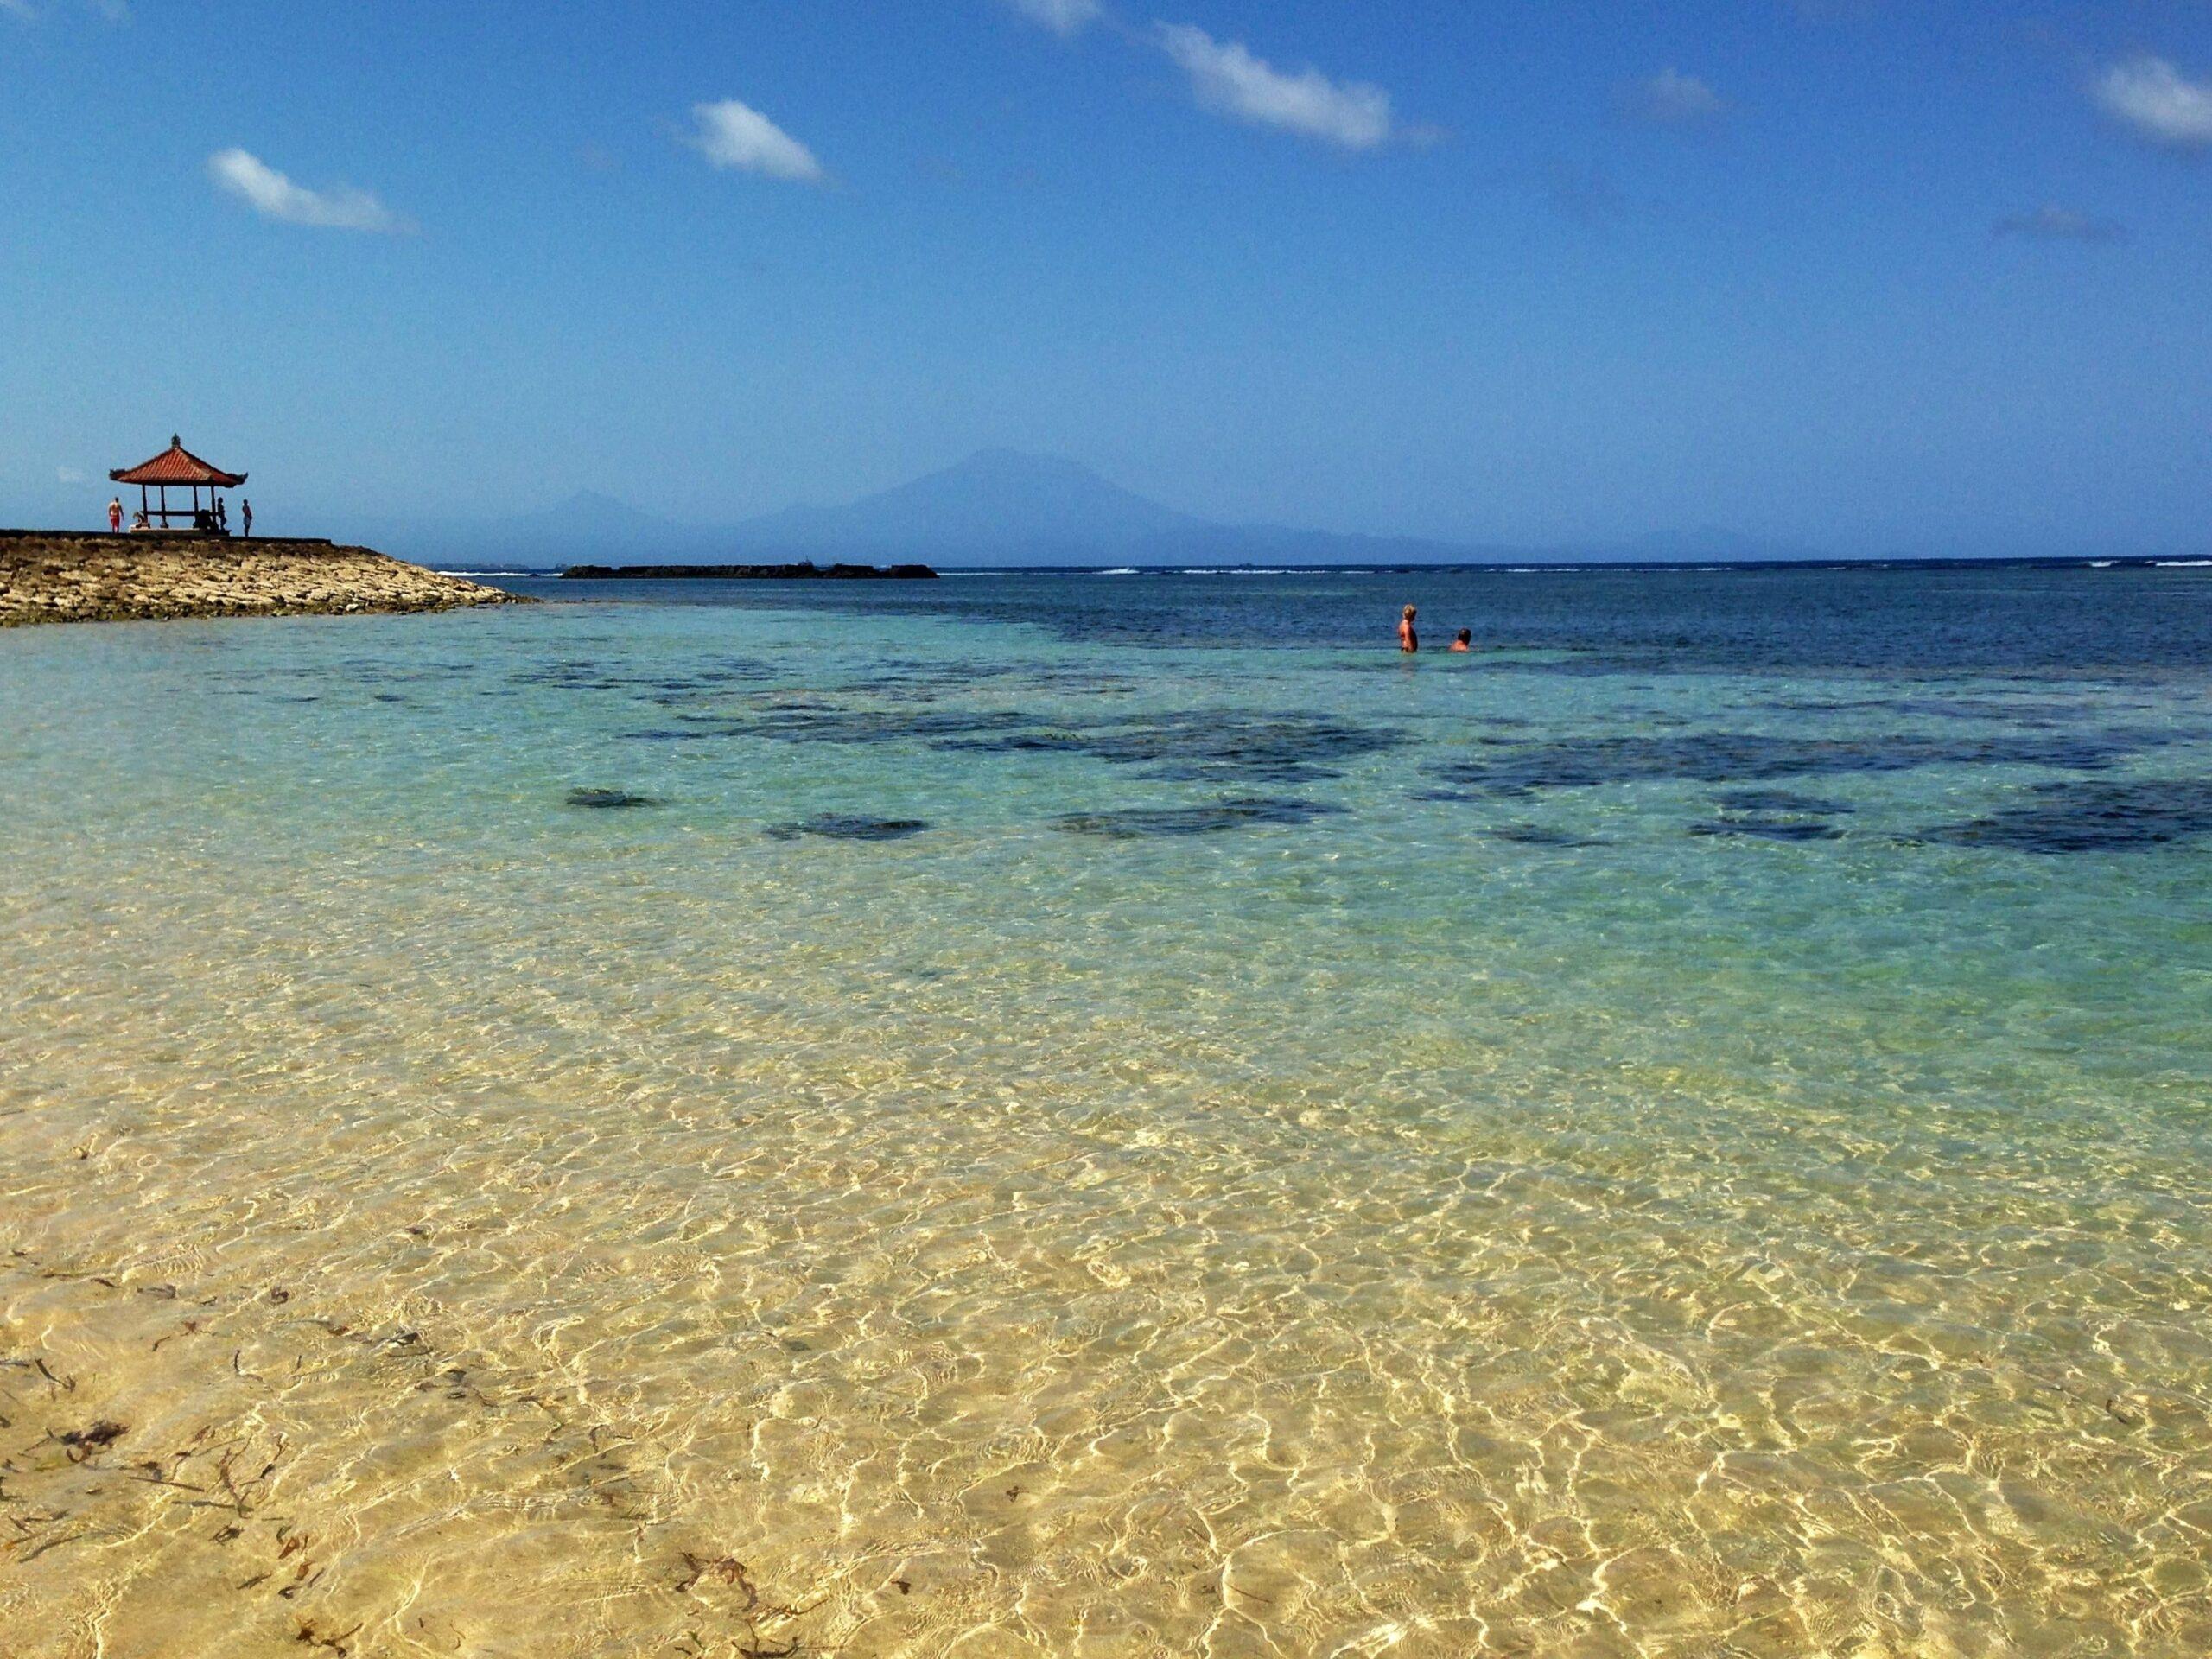 Las 10 mejores playas de Bali 2020